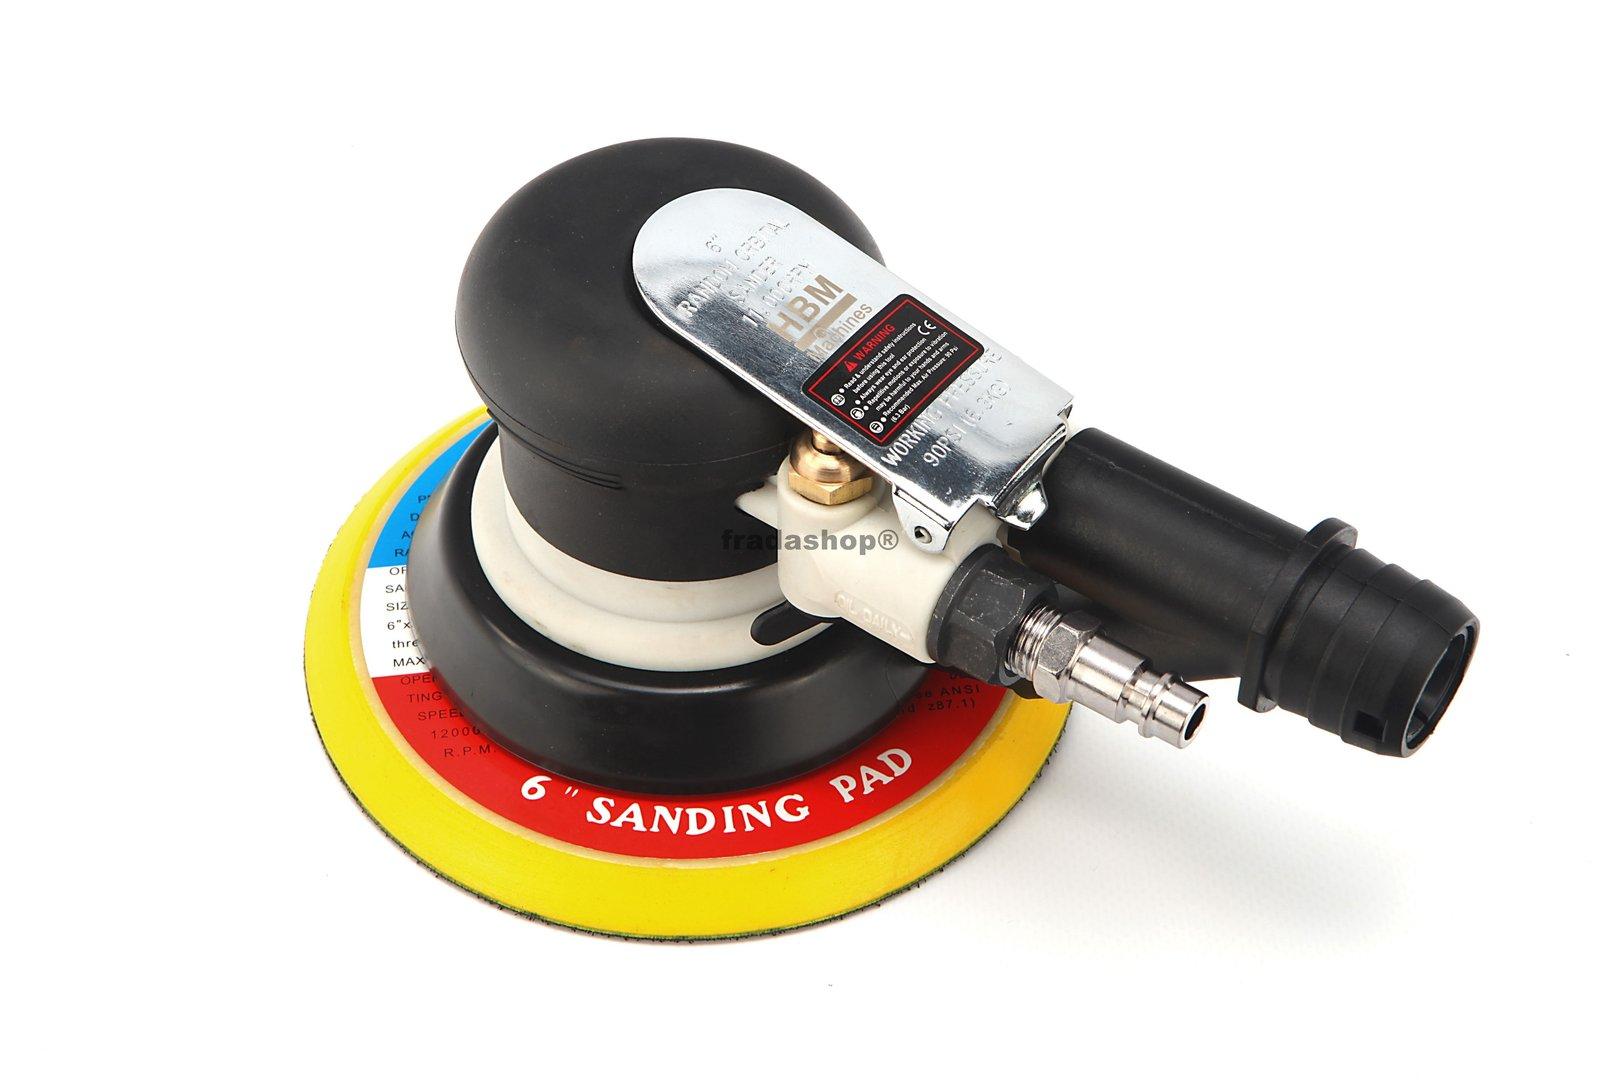 pn. exzenterschleifer 150mm, vakuum | fradashop